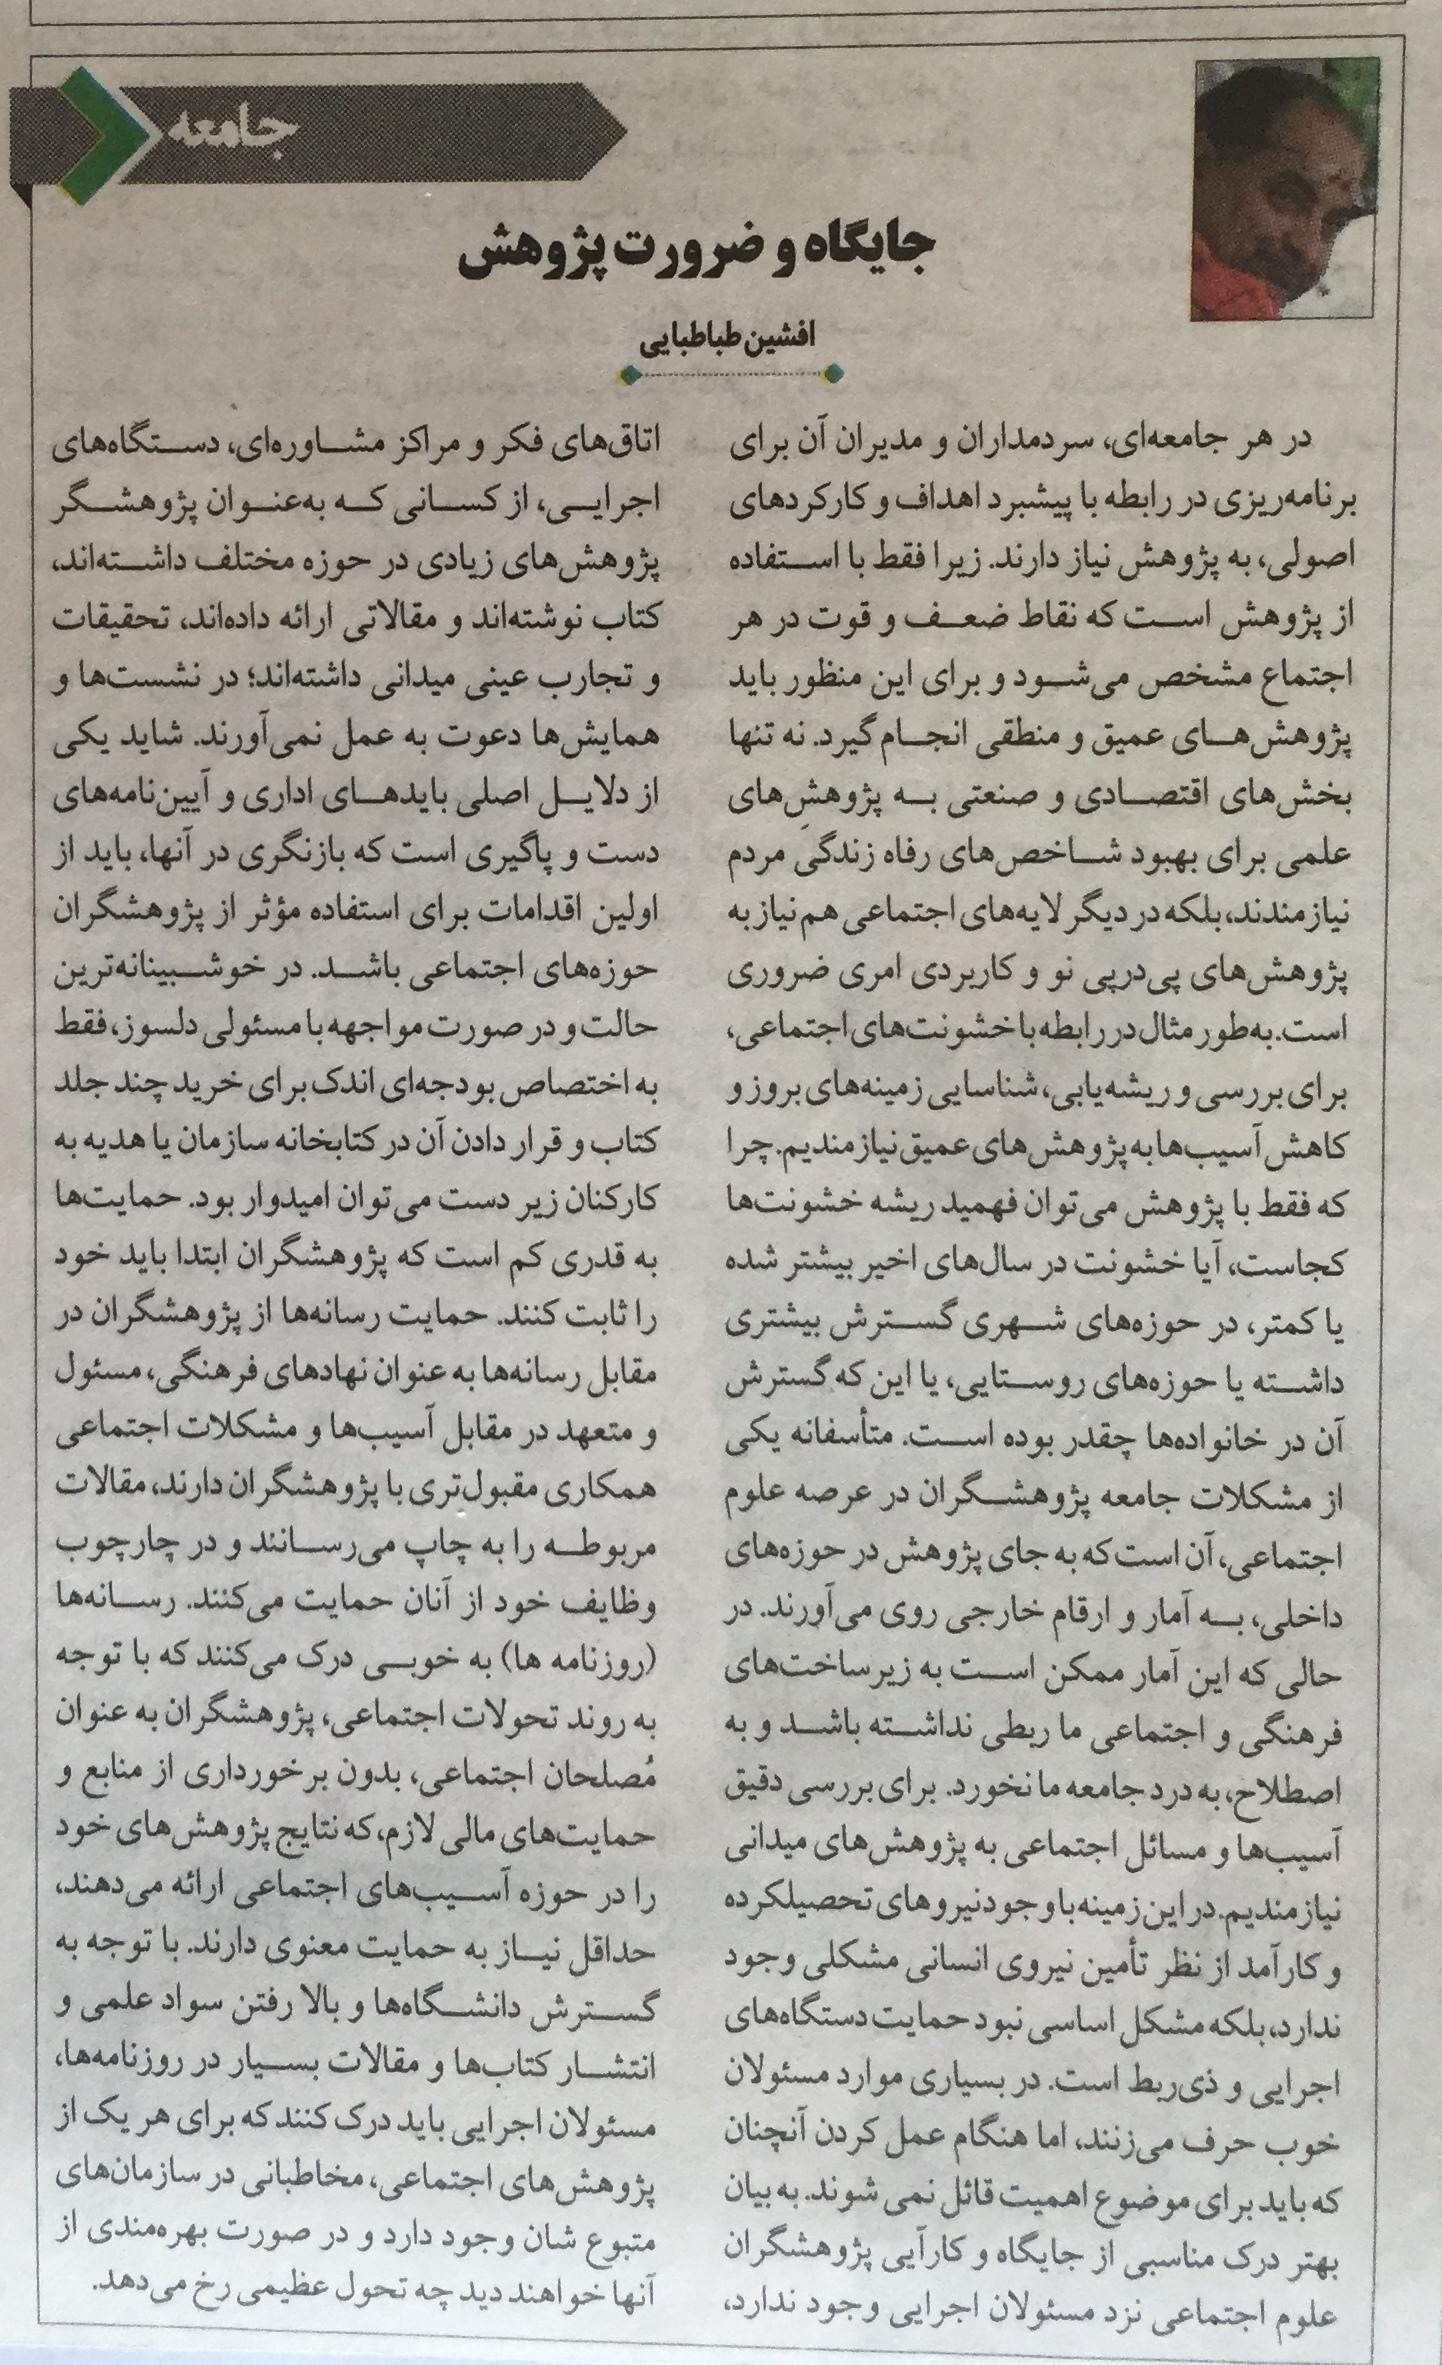 روزنامه: جایگاه و ضرورت پزوهش - دکتر طباطبایی